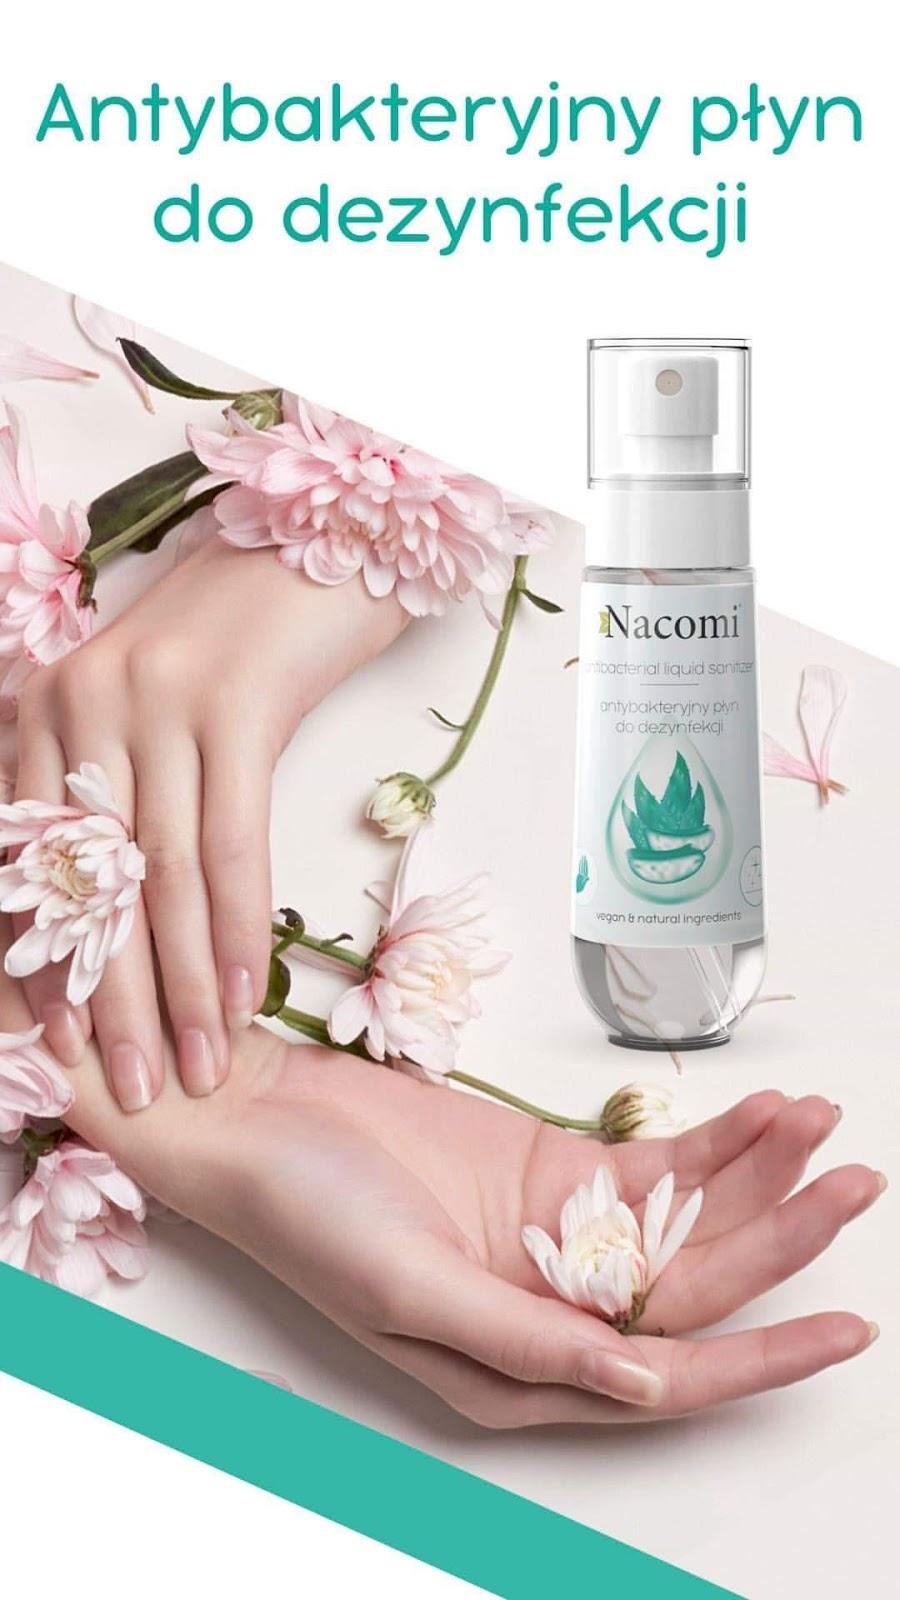 Nacomi - antybakteryjny płyn do dezynfekcji